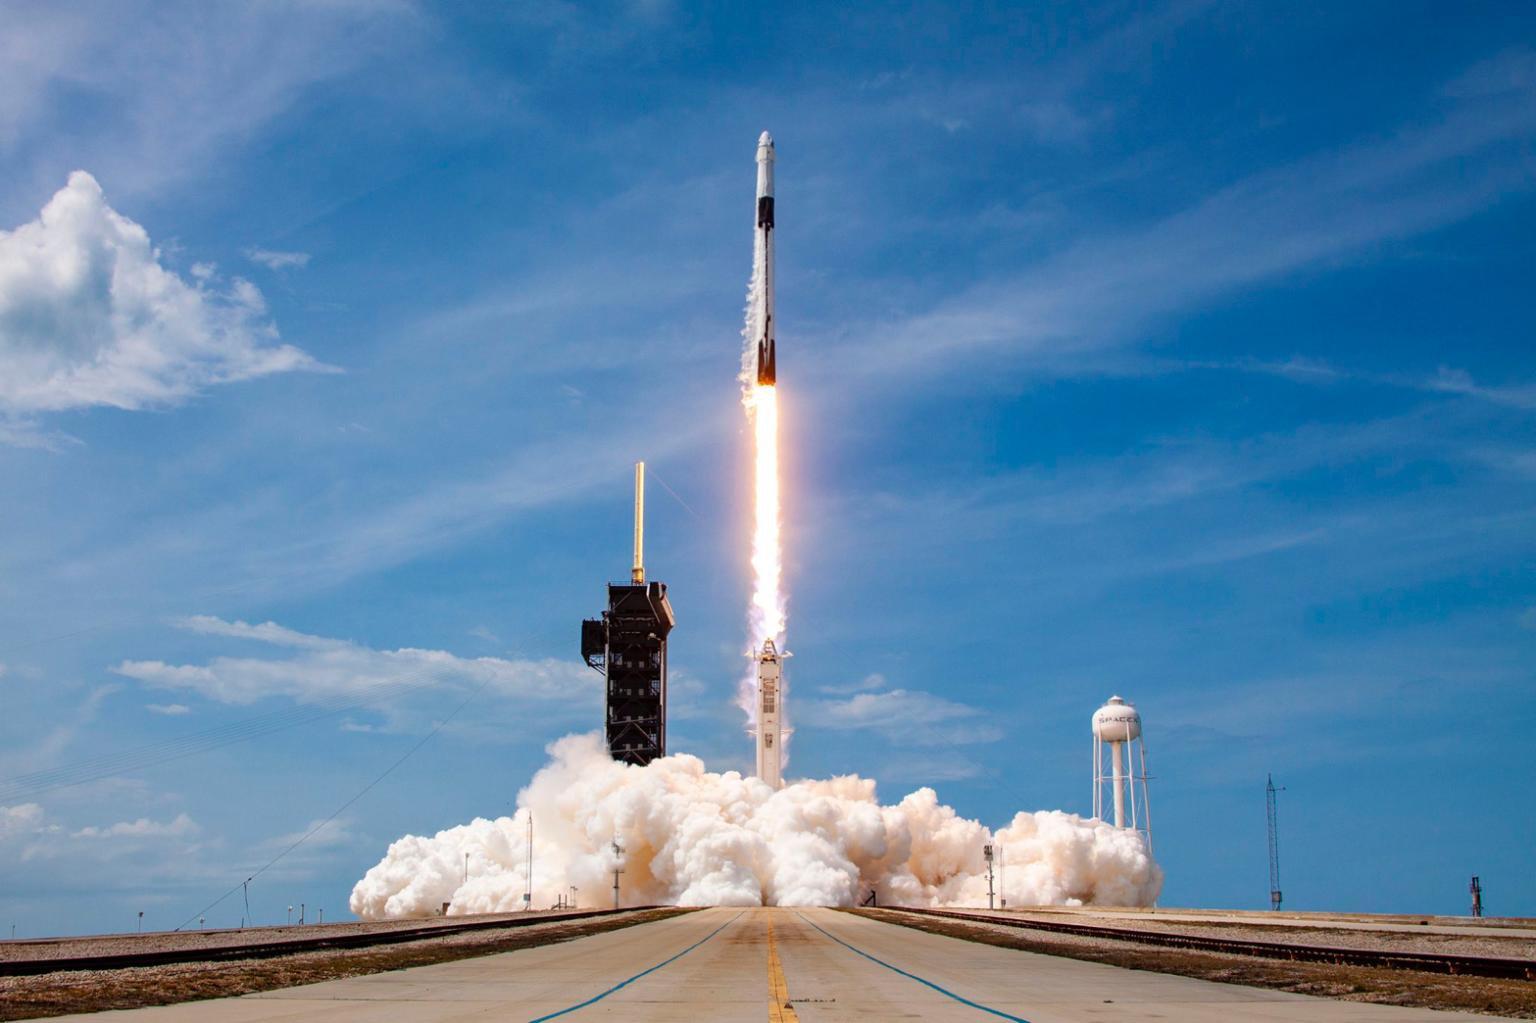 Elon Musk non è soltanto SpaceX: ecco le altre sue aziende